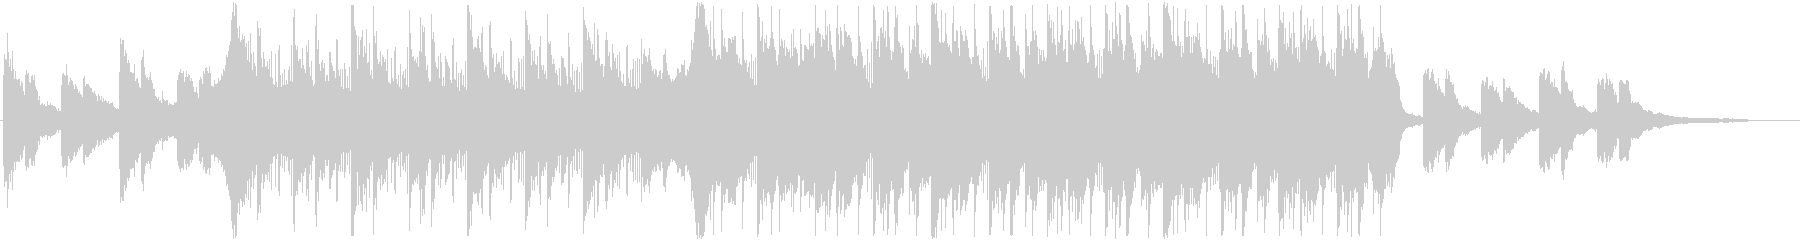 決断の時を表現したHip-Hop曲ハーフの未再生の波形